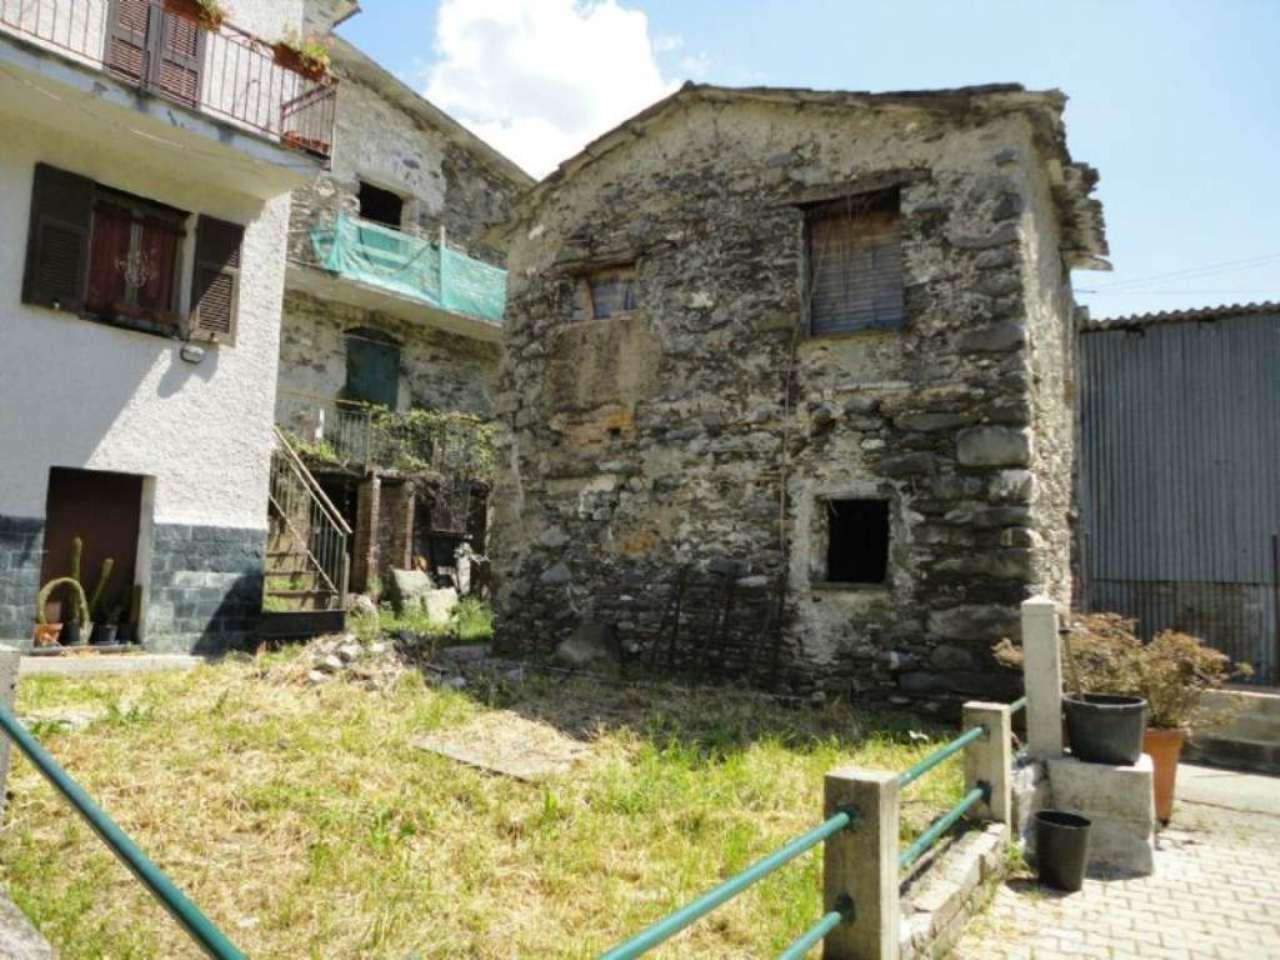 Rustico / Casale in vendita a Moconesi, 2 locali, prezzo € 15.000 | Cambio Casa.it